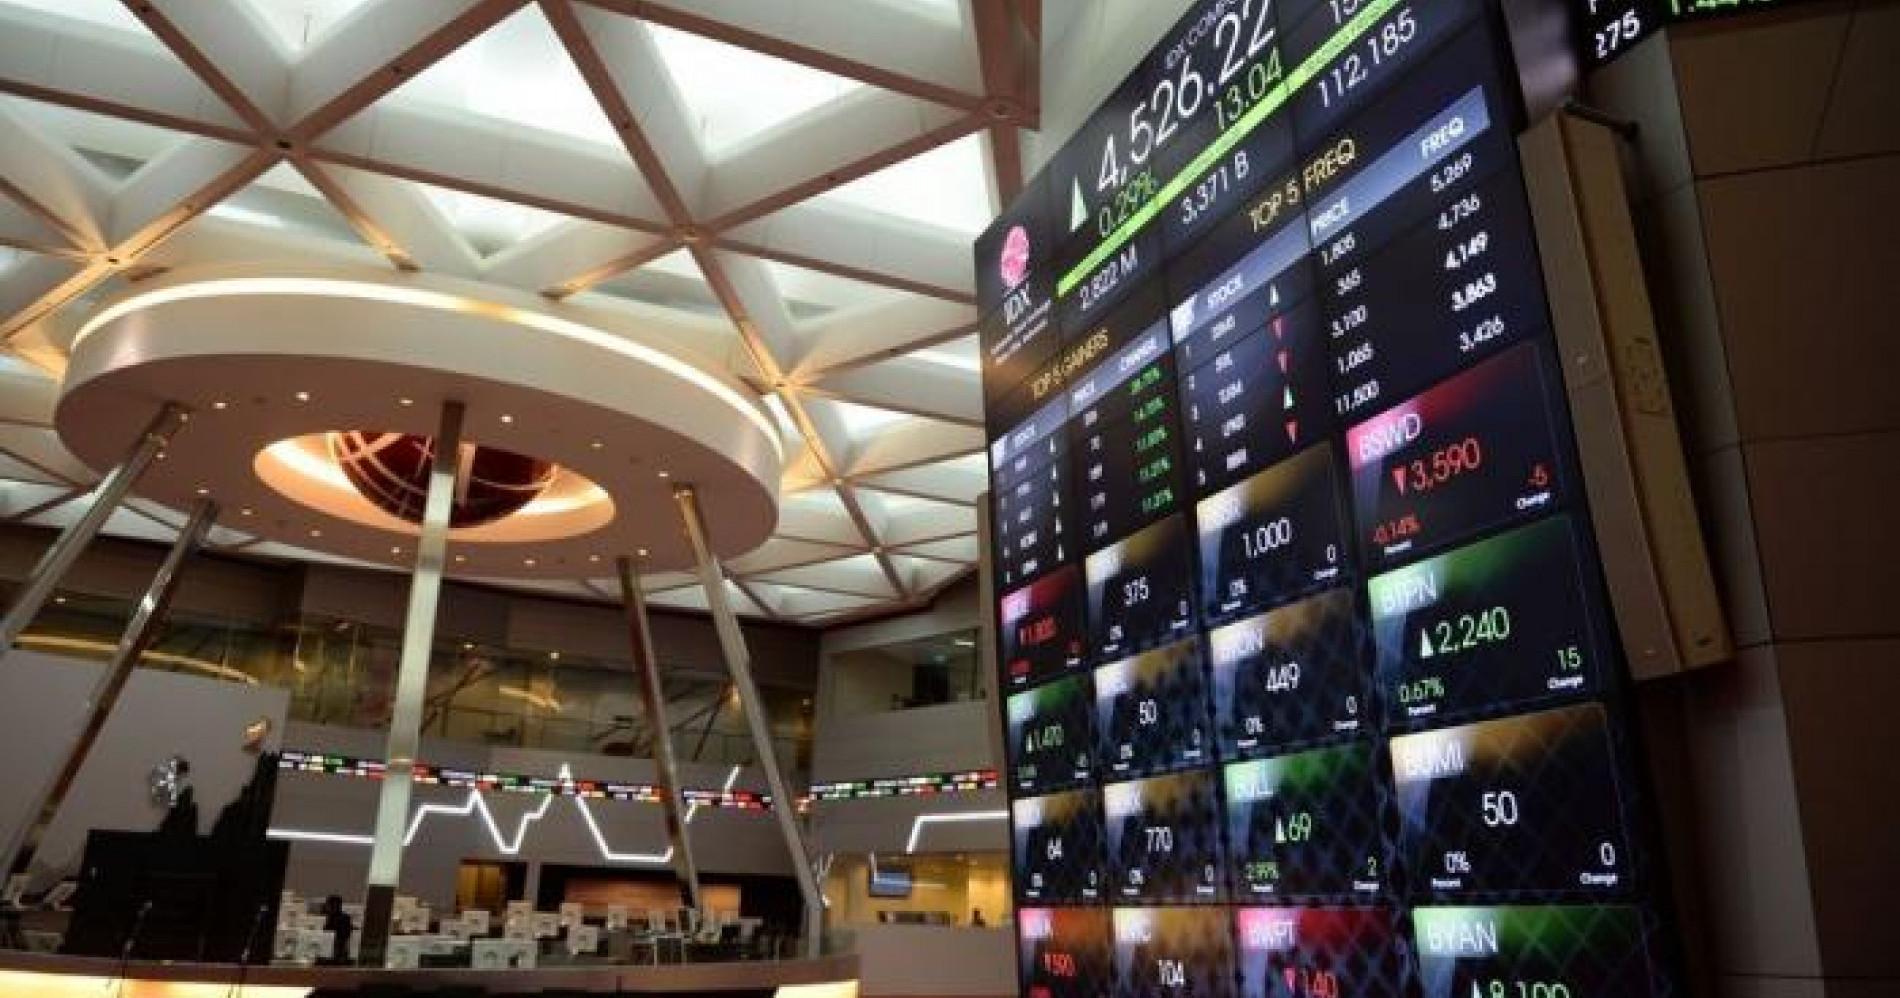 Bursa Efek Indonesia, tempat untuk menemukan harta karun di dunia nyata dengan berinvestasi saham (sumber gambar: idxchannel.com)